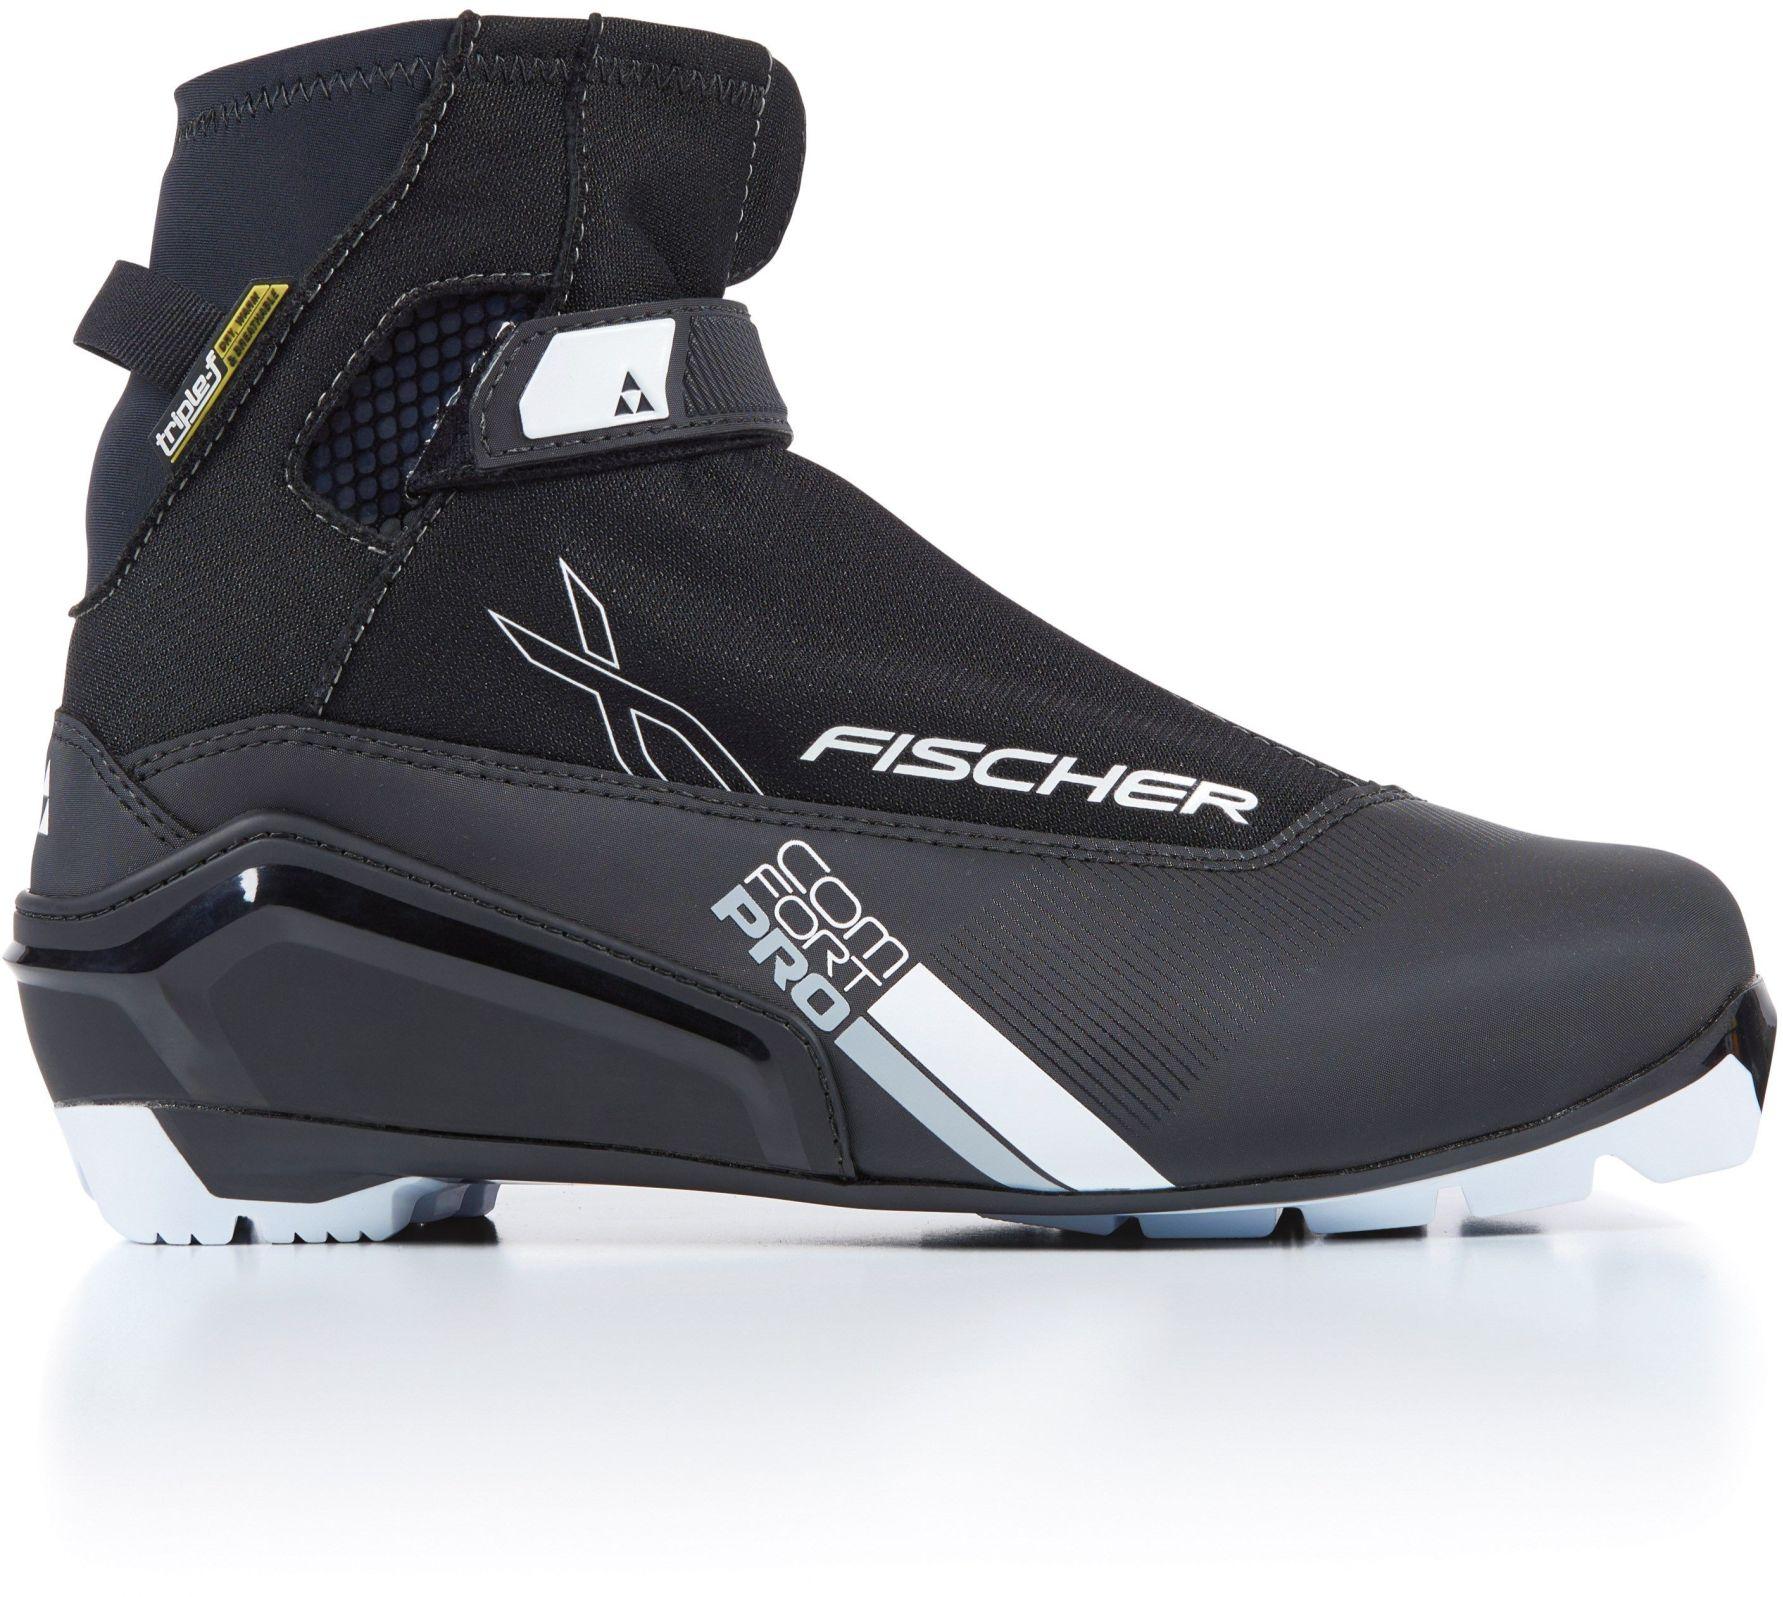 be725eb2940 Boty na běžky Fischer XC Comfort PRO Black Silver - Ski a Bike ...